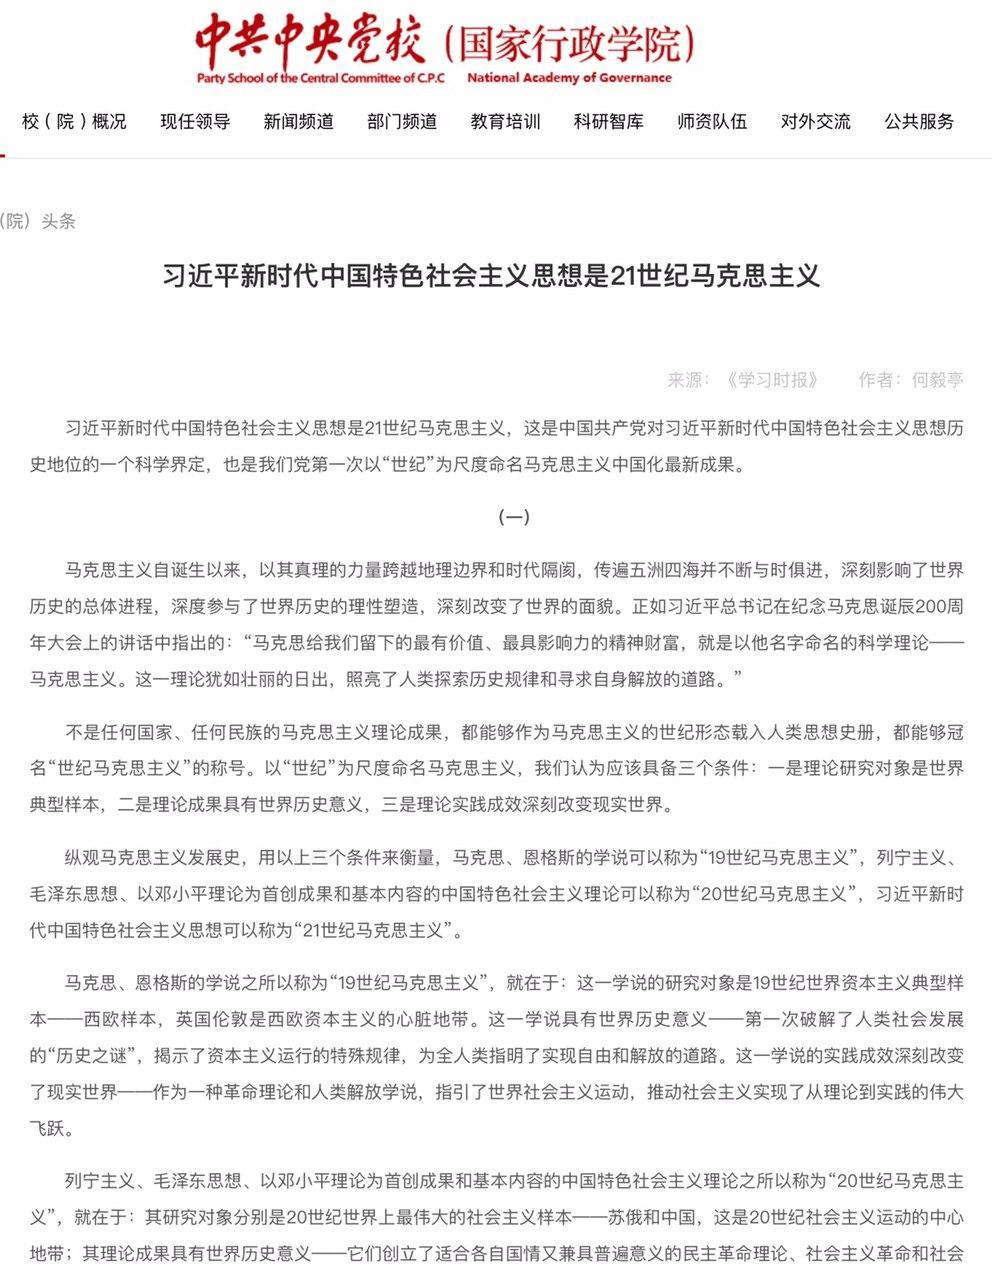 Идеи Си Цзиньпина провозгласили марксизмом 21 века